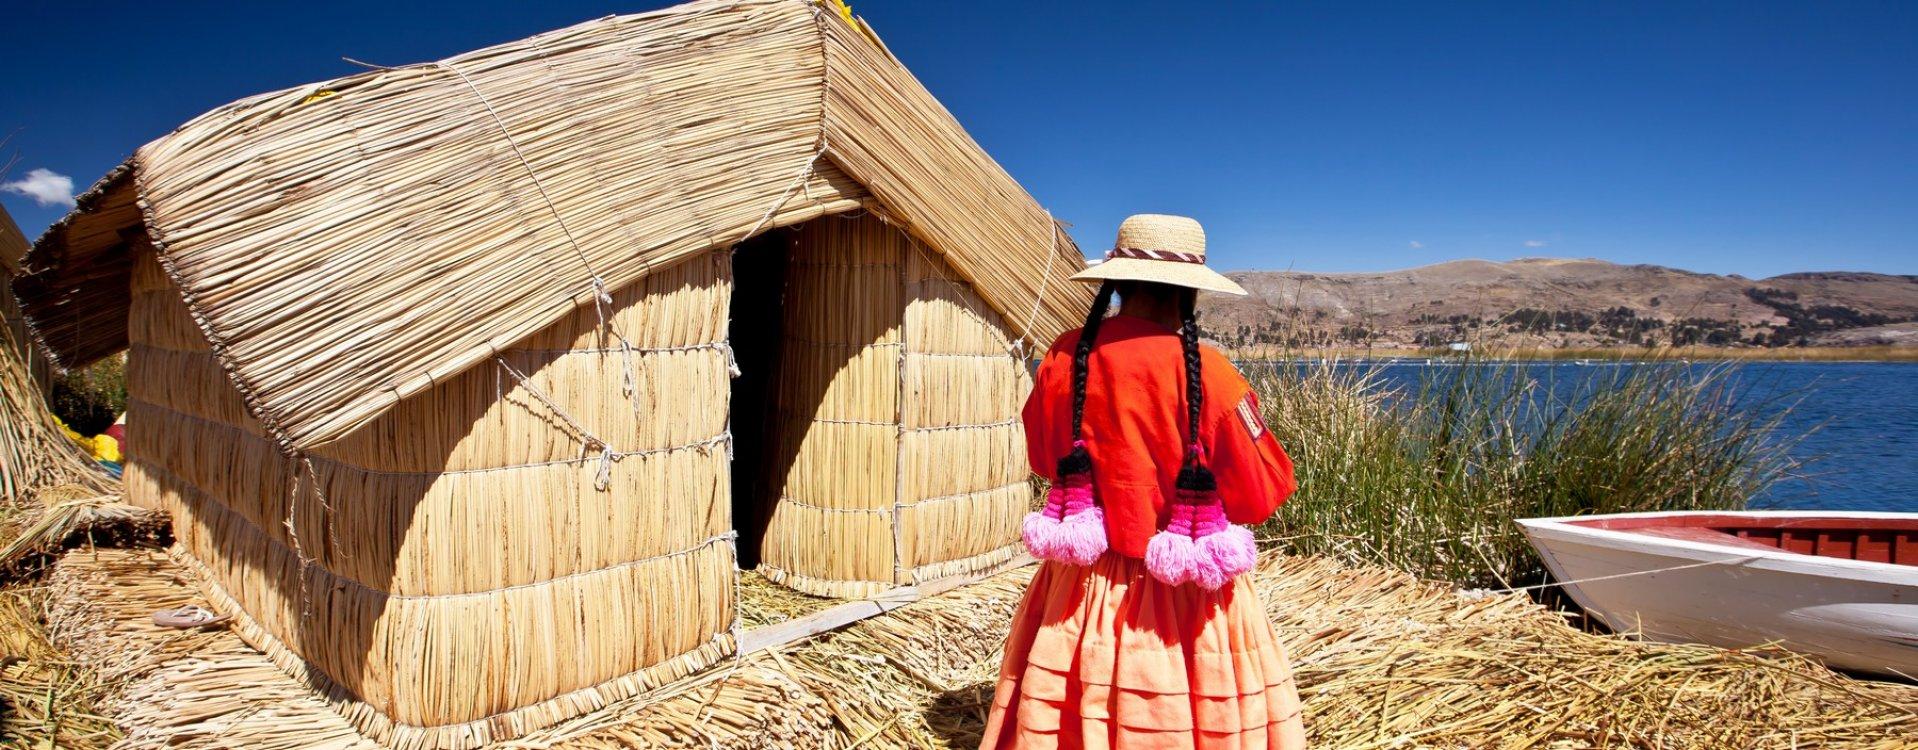 Drijvende Uros eilanden, Titicacameer